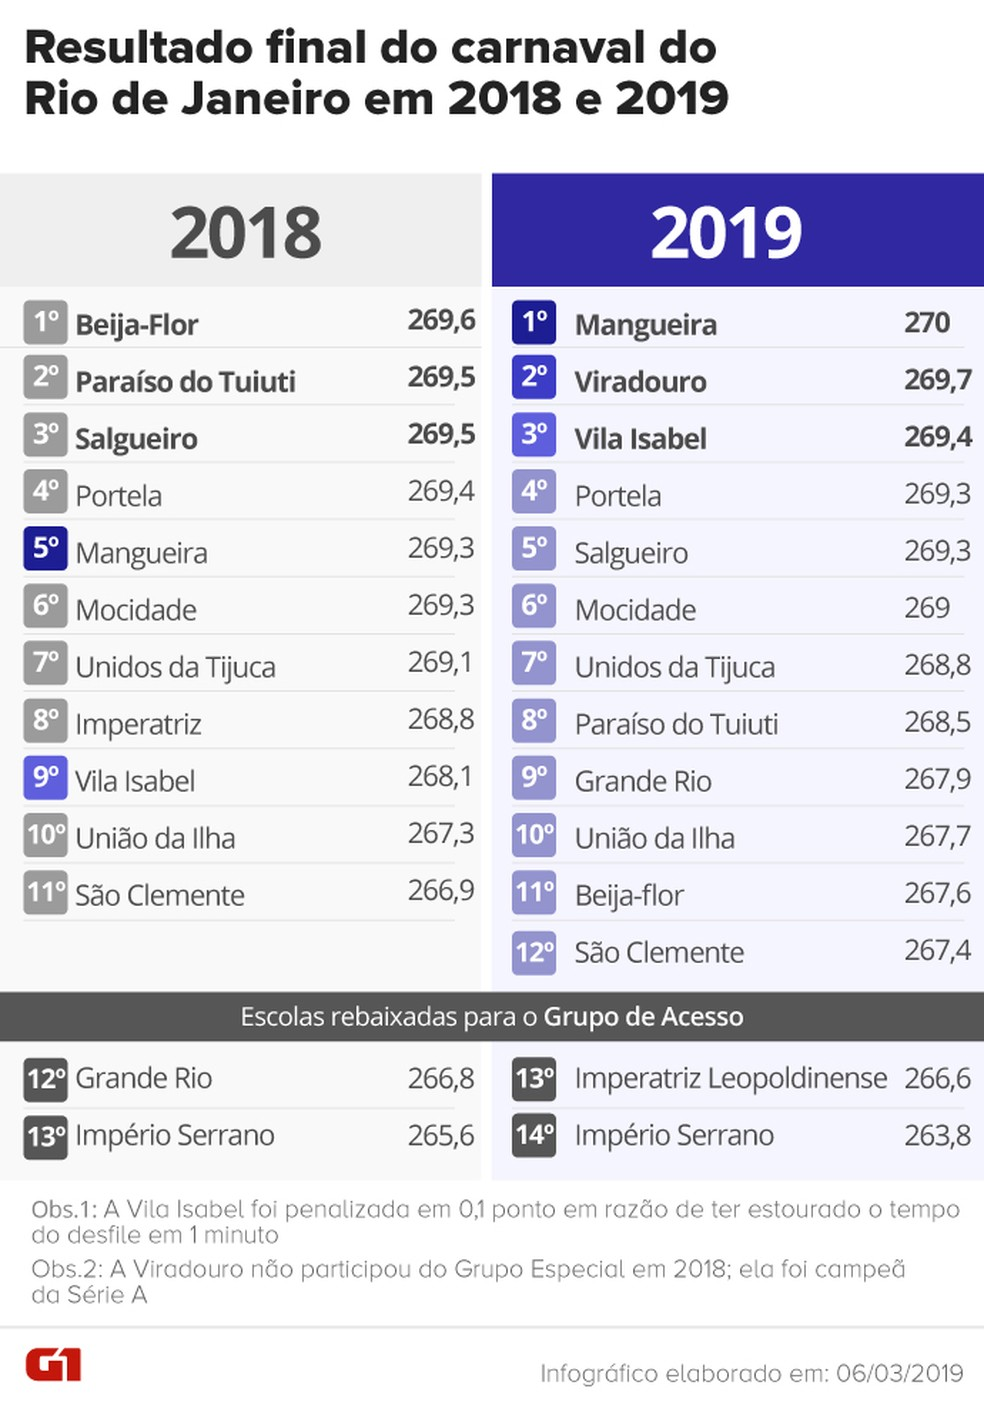 Veja o comparativo do resultado final de 2019 com o de 2018 — Foto: Arte/G1